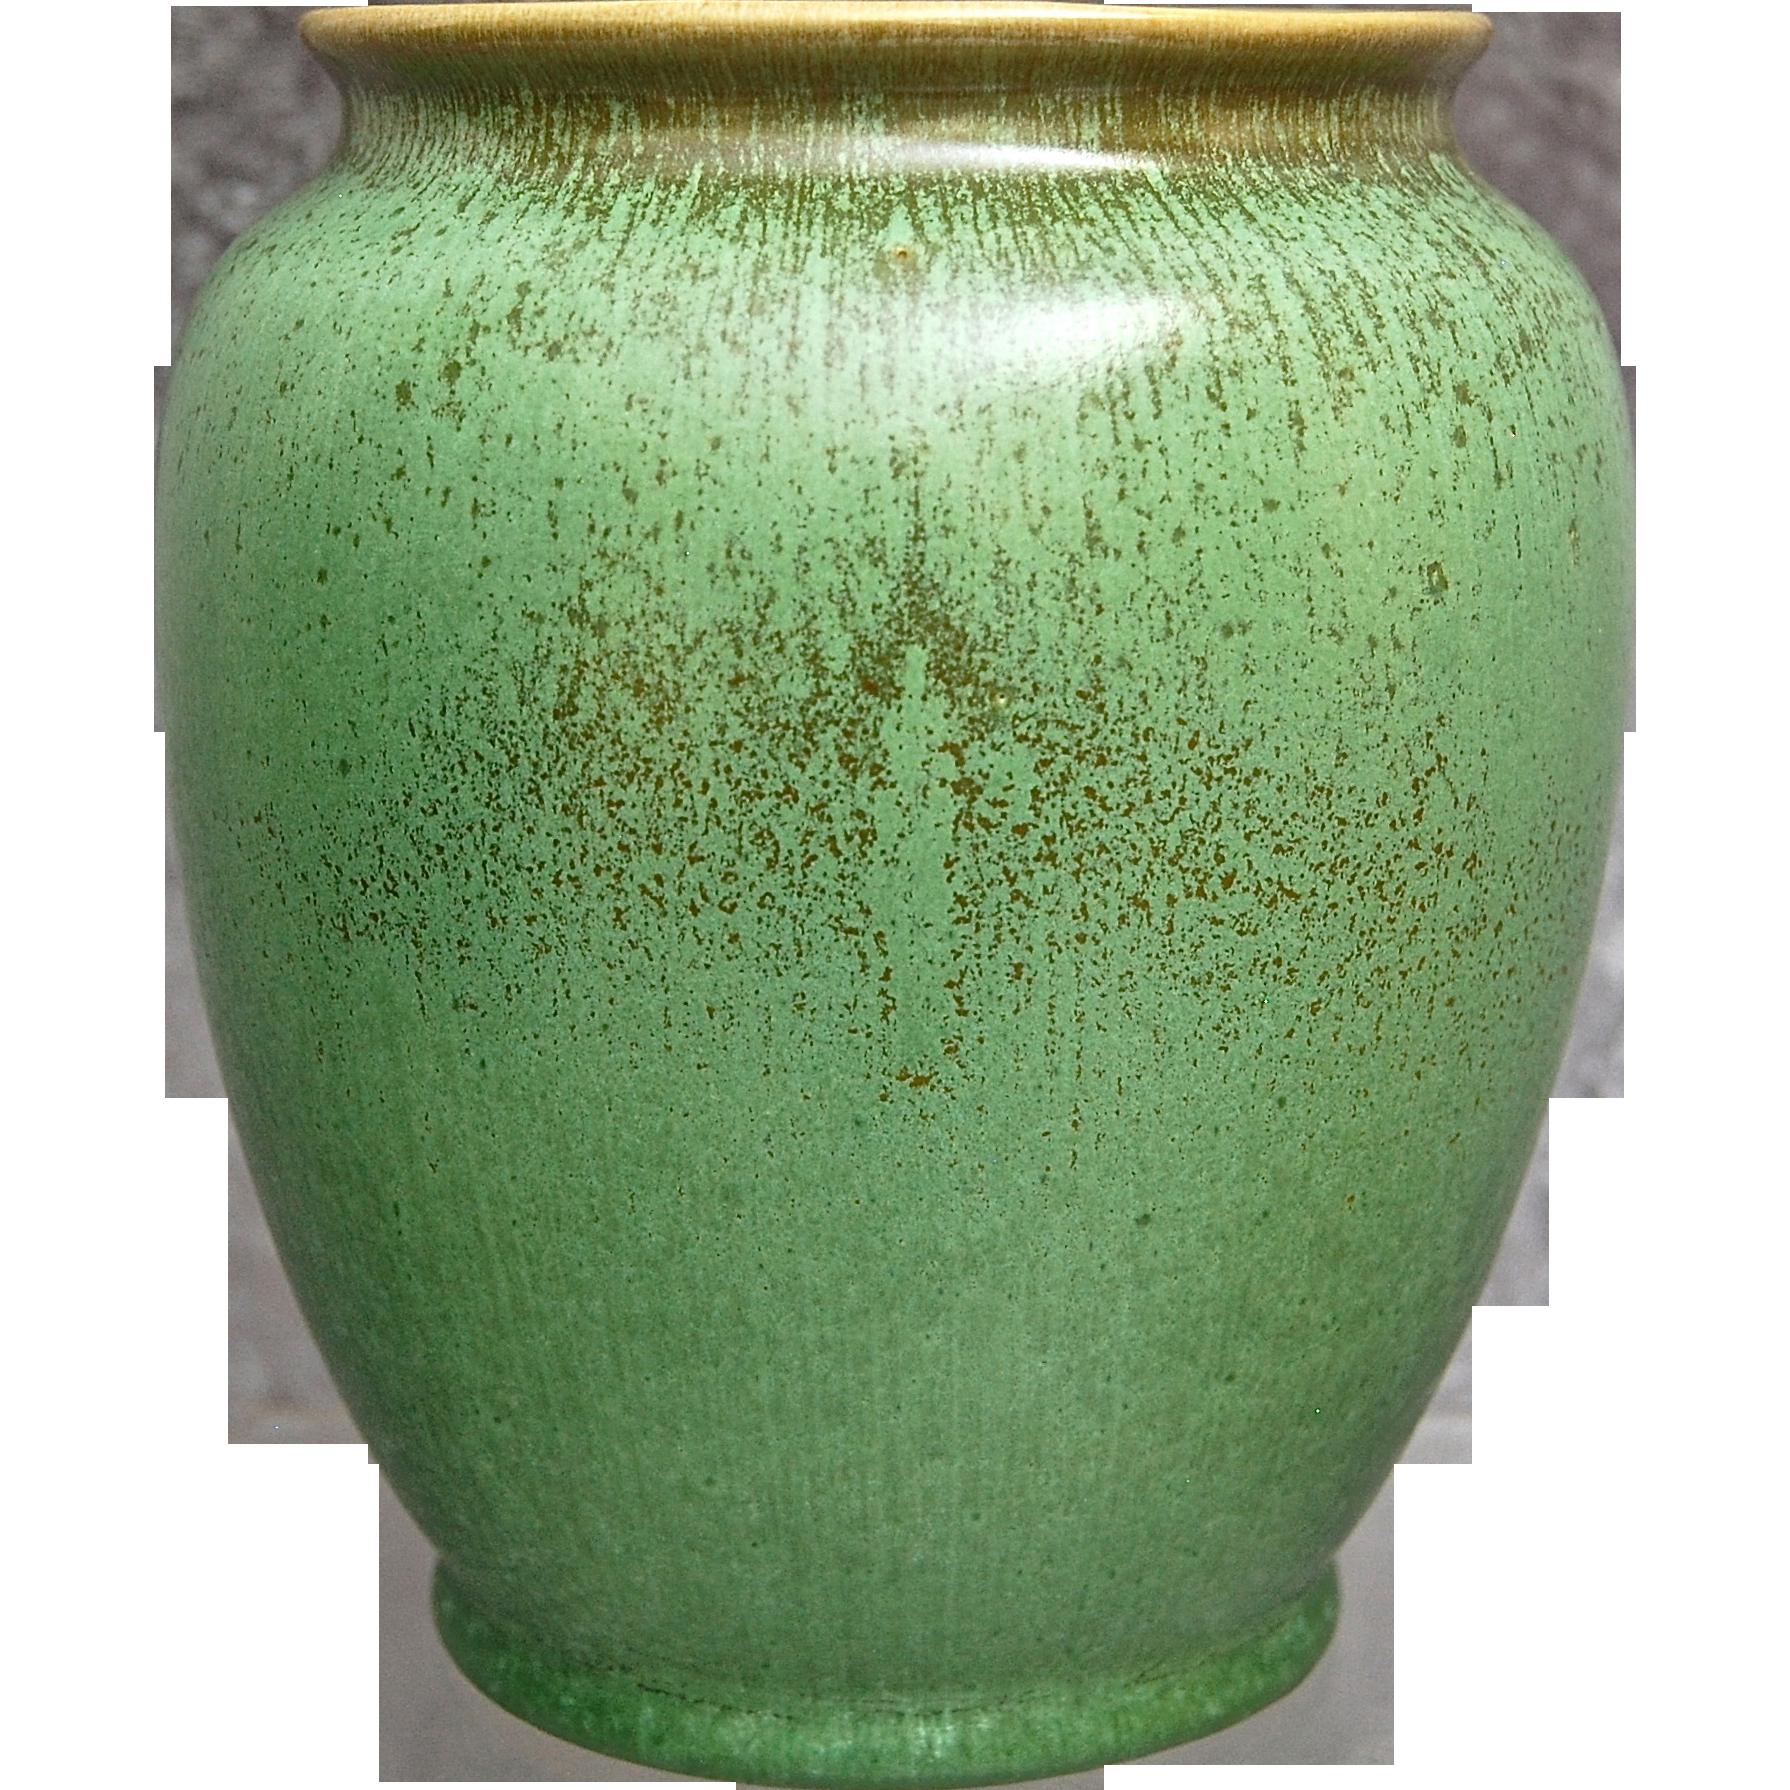 Cowan Pottery Vase 728 Antique Green Glaze Circa 1929